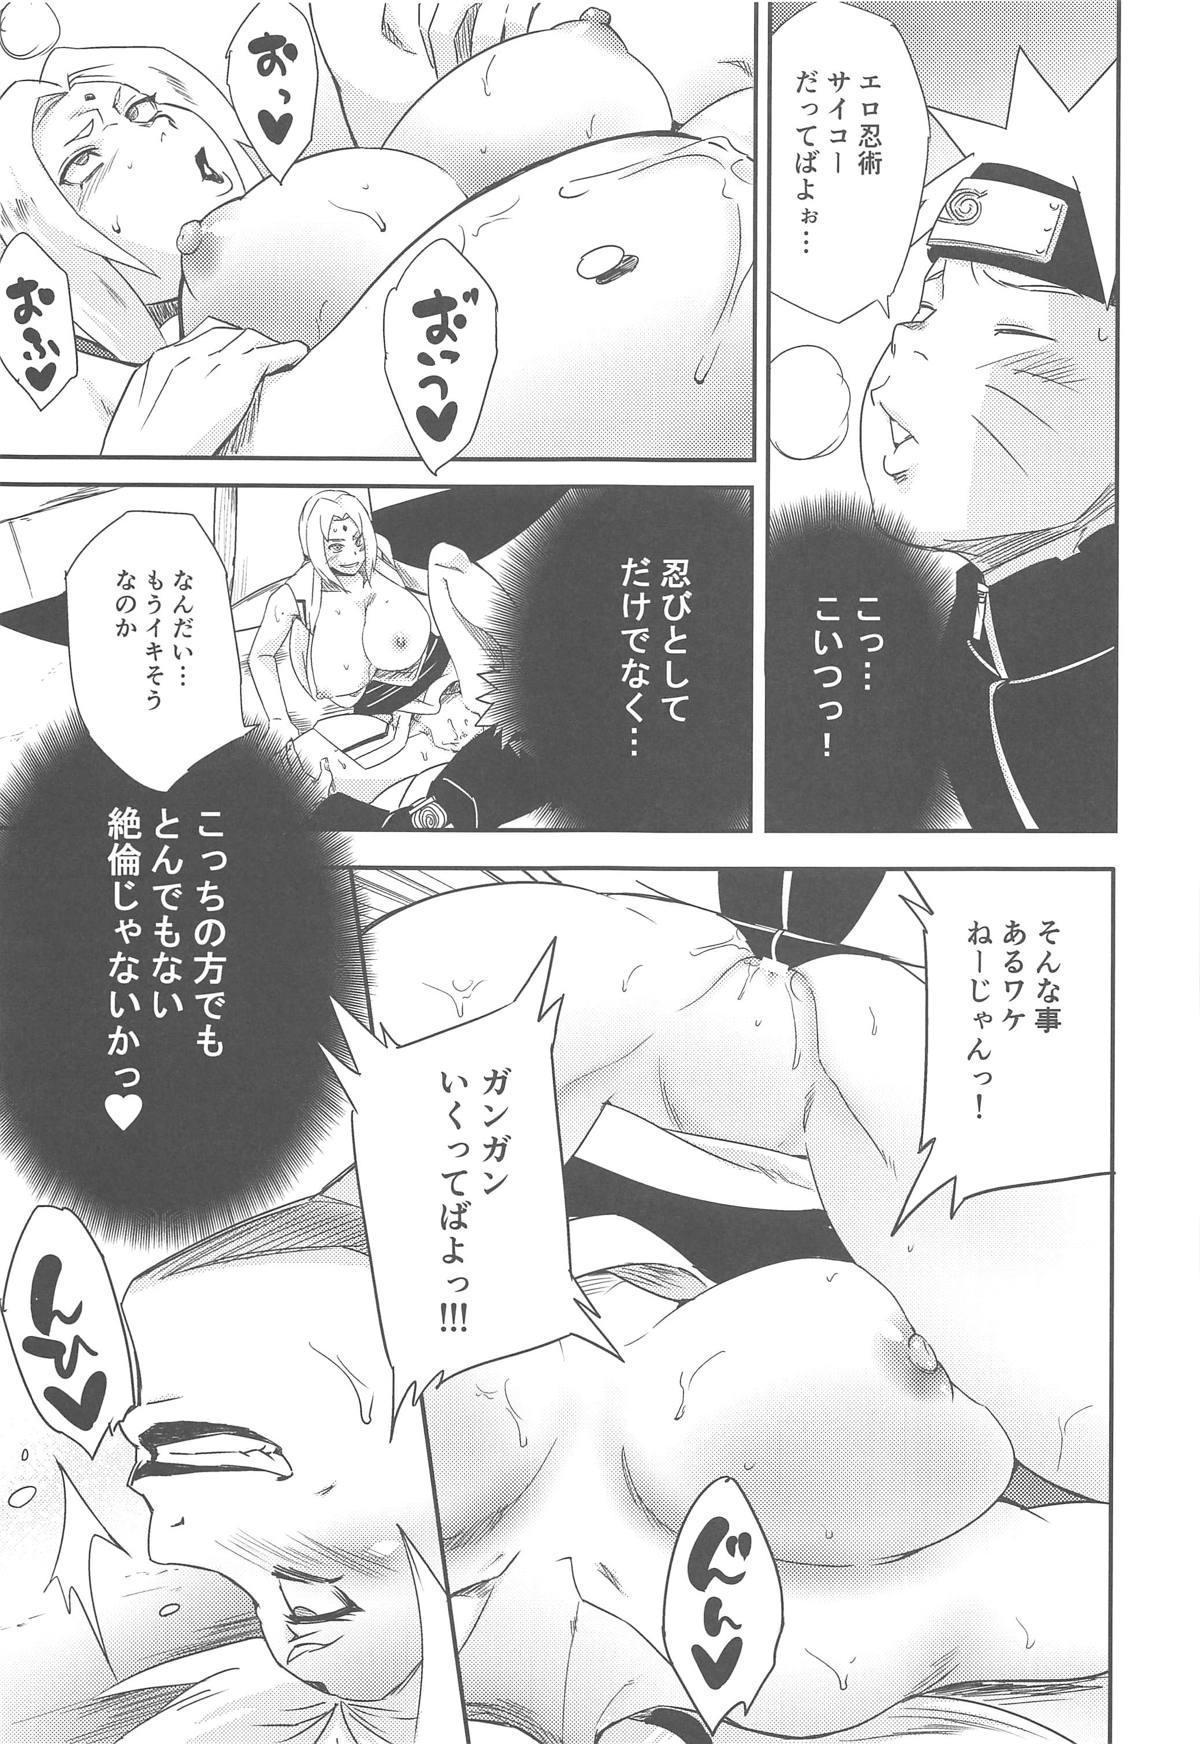 Uzumaki-san ni omotenashi 29